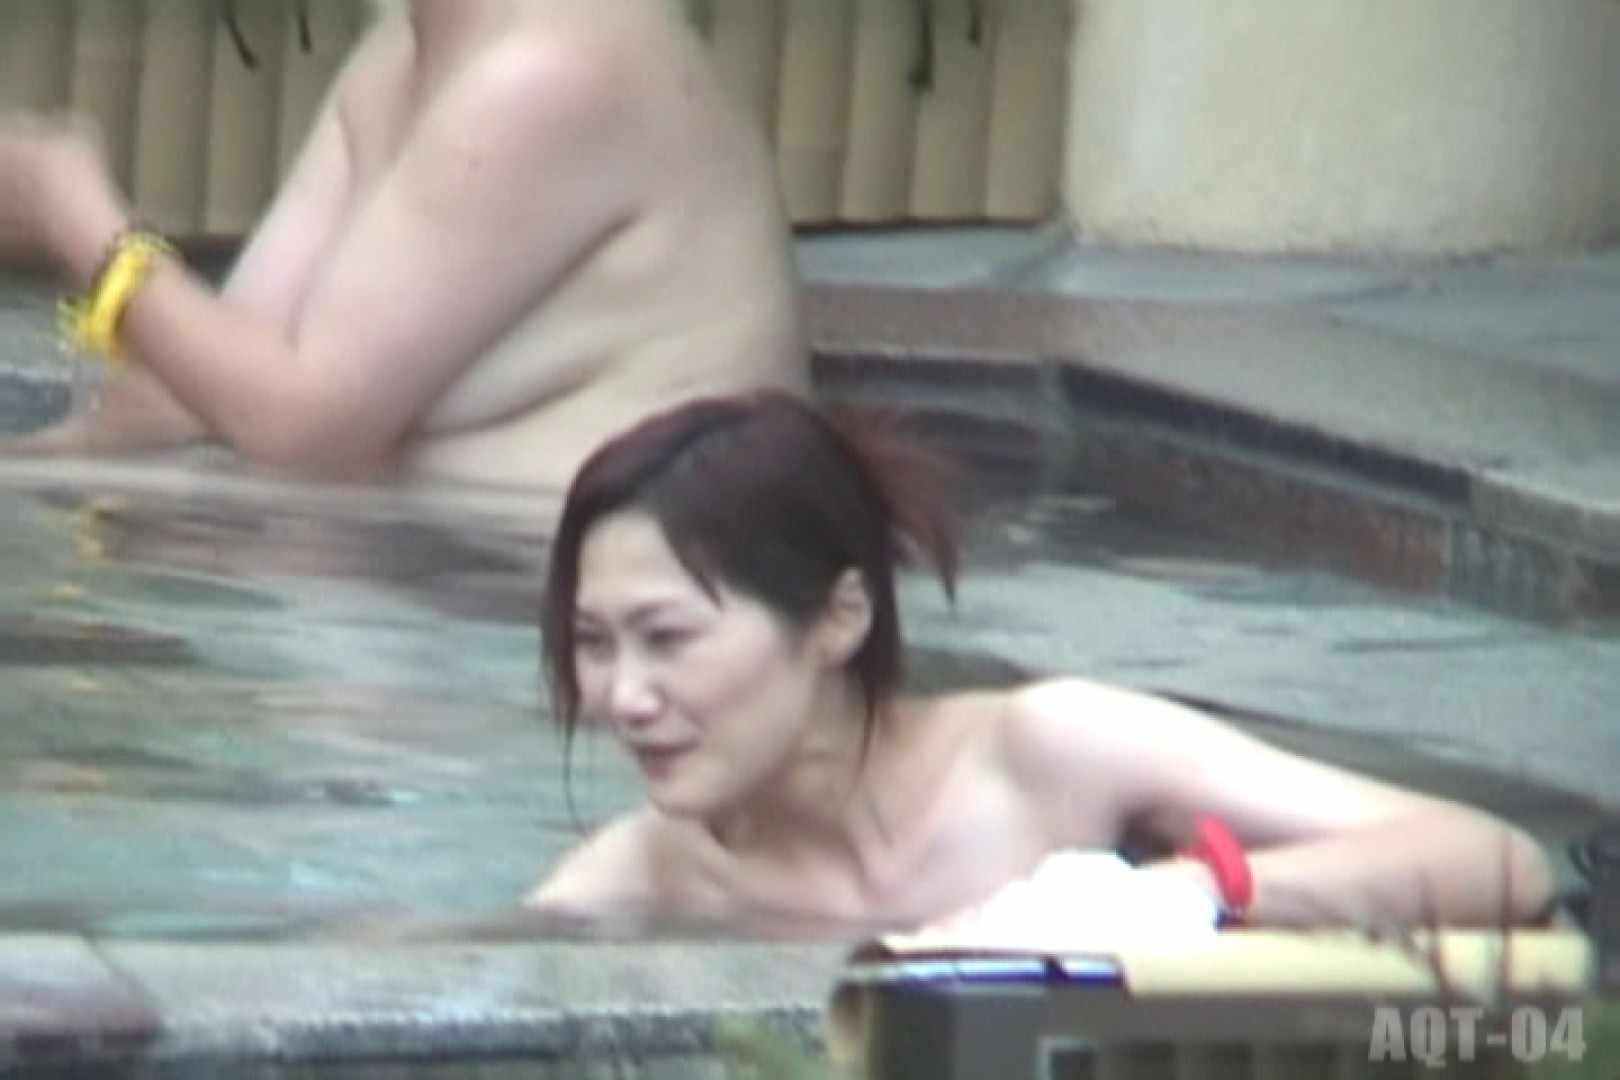 Aquaな露天風呂Vol.739 美しいOLの裸体 隠し撮りオマンコ動画紹介 88pic 83